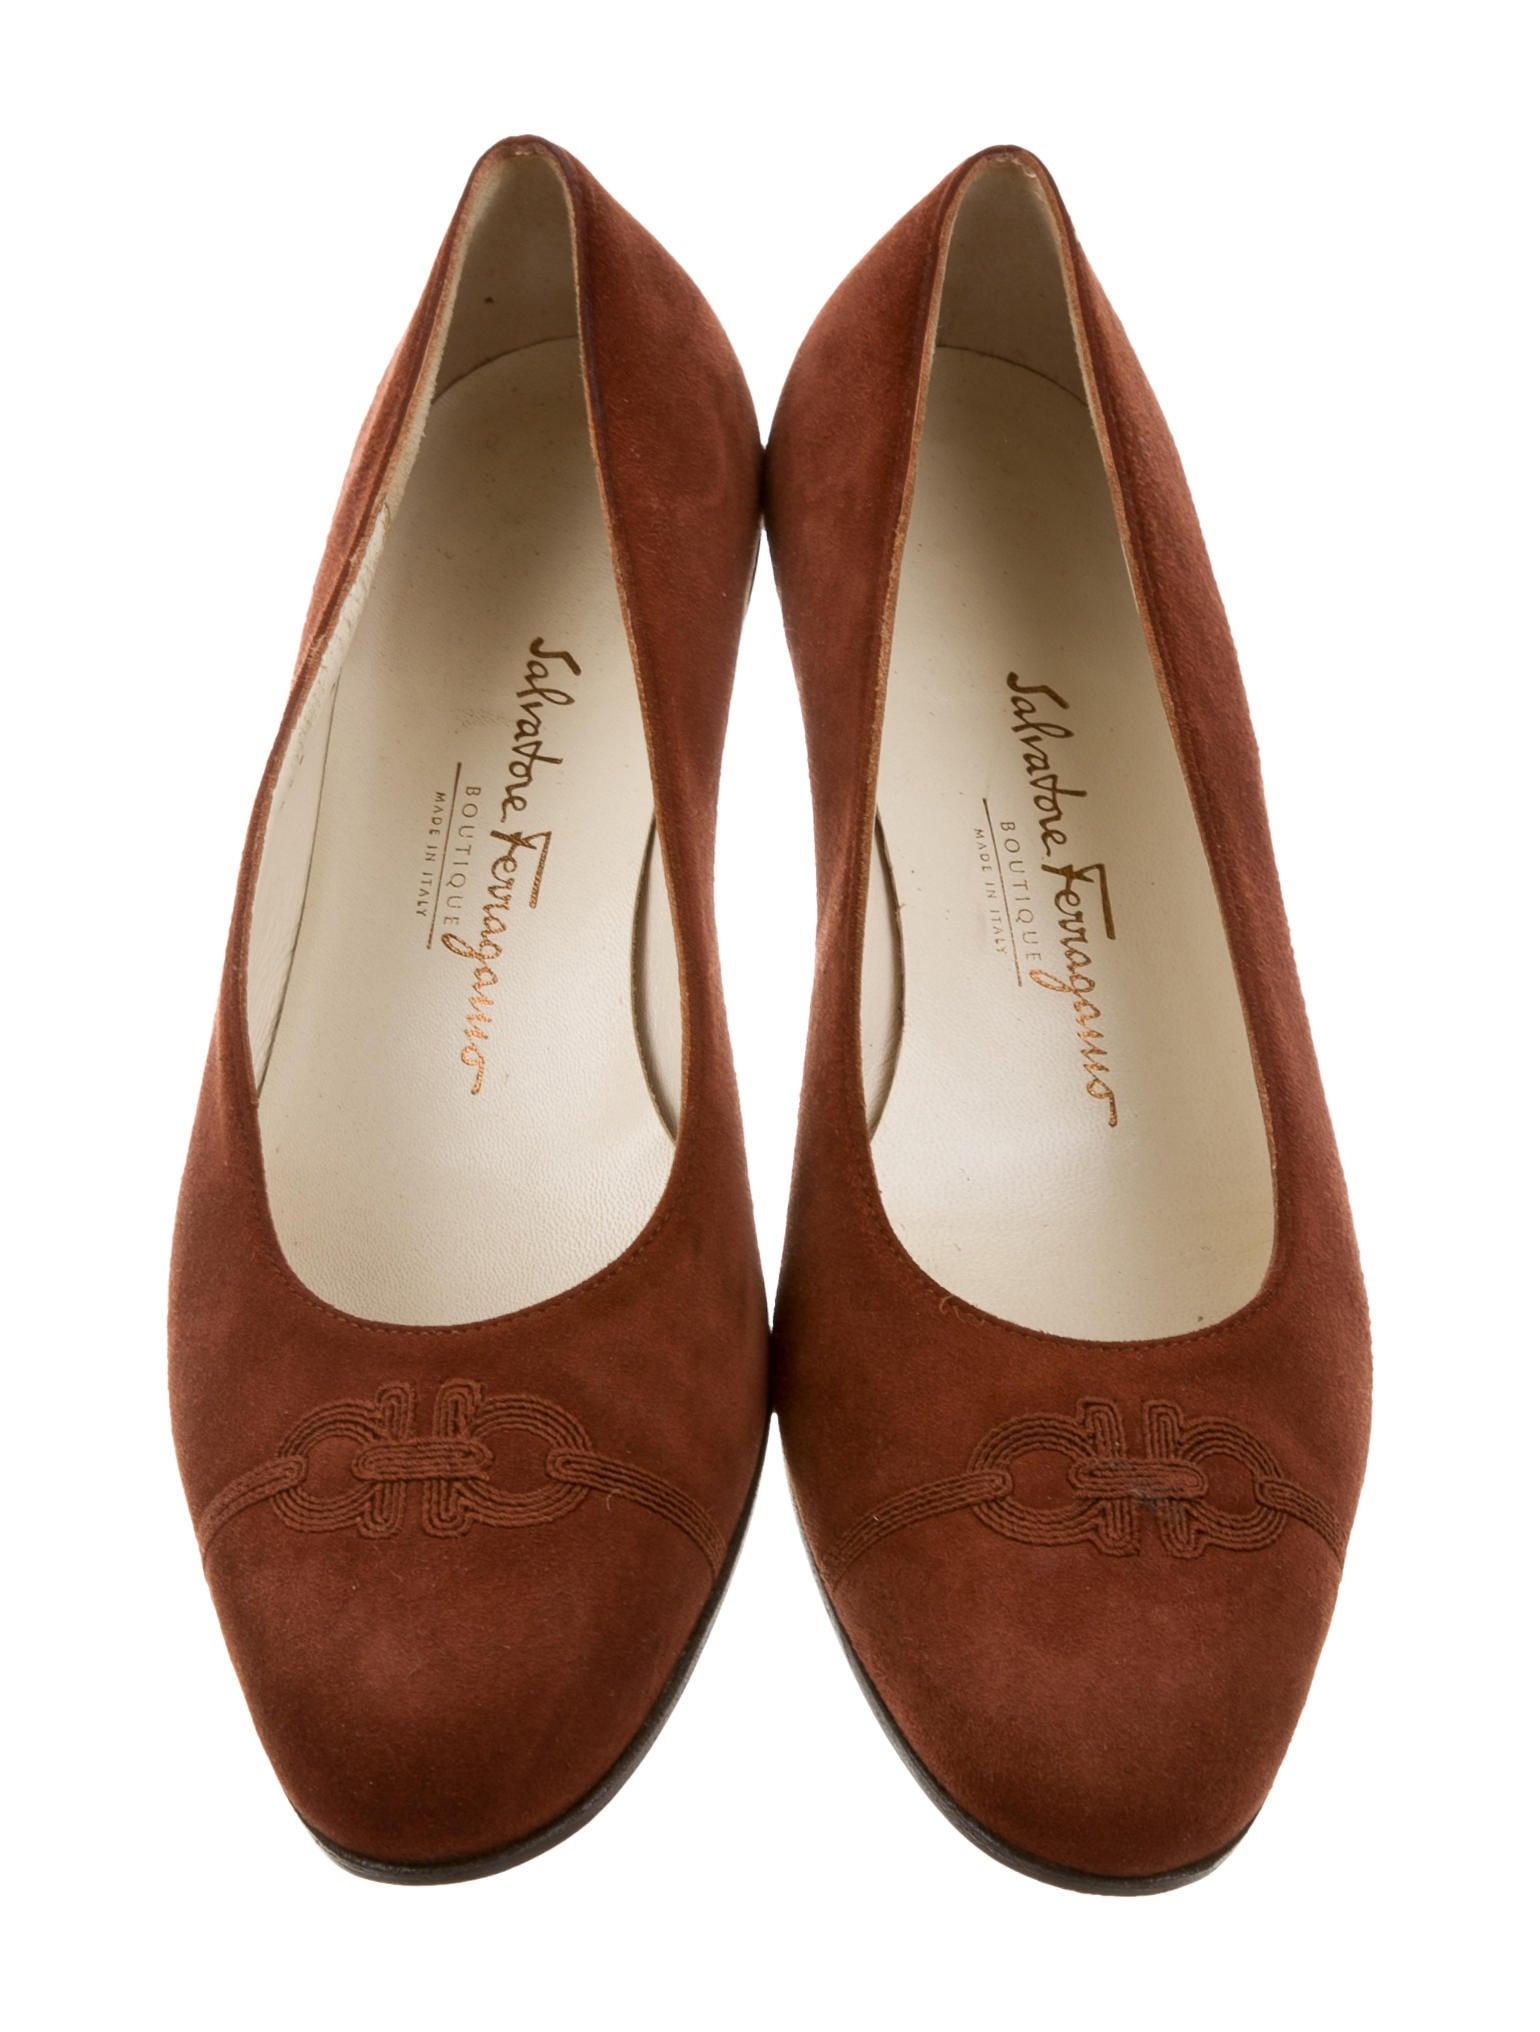 Salvatore Ferragamo Shoes Price In India